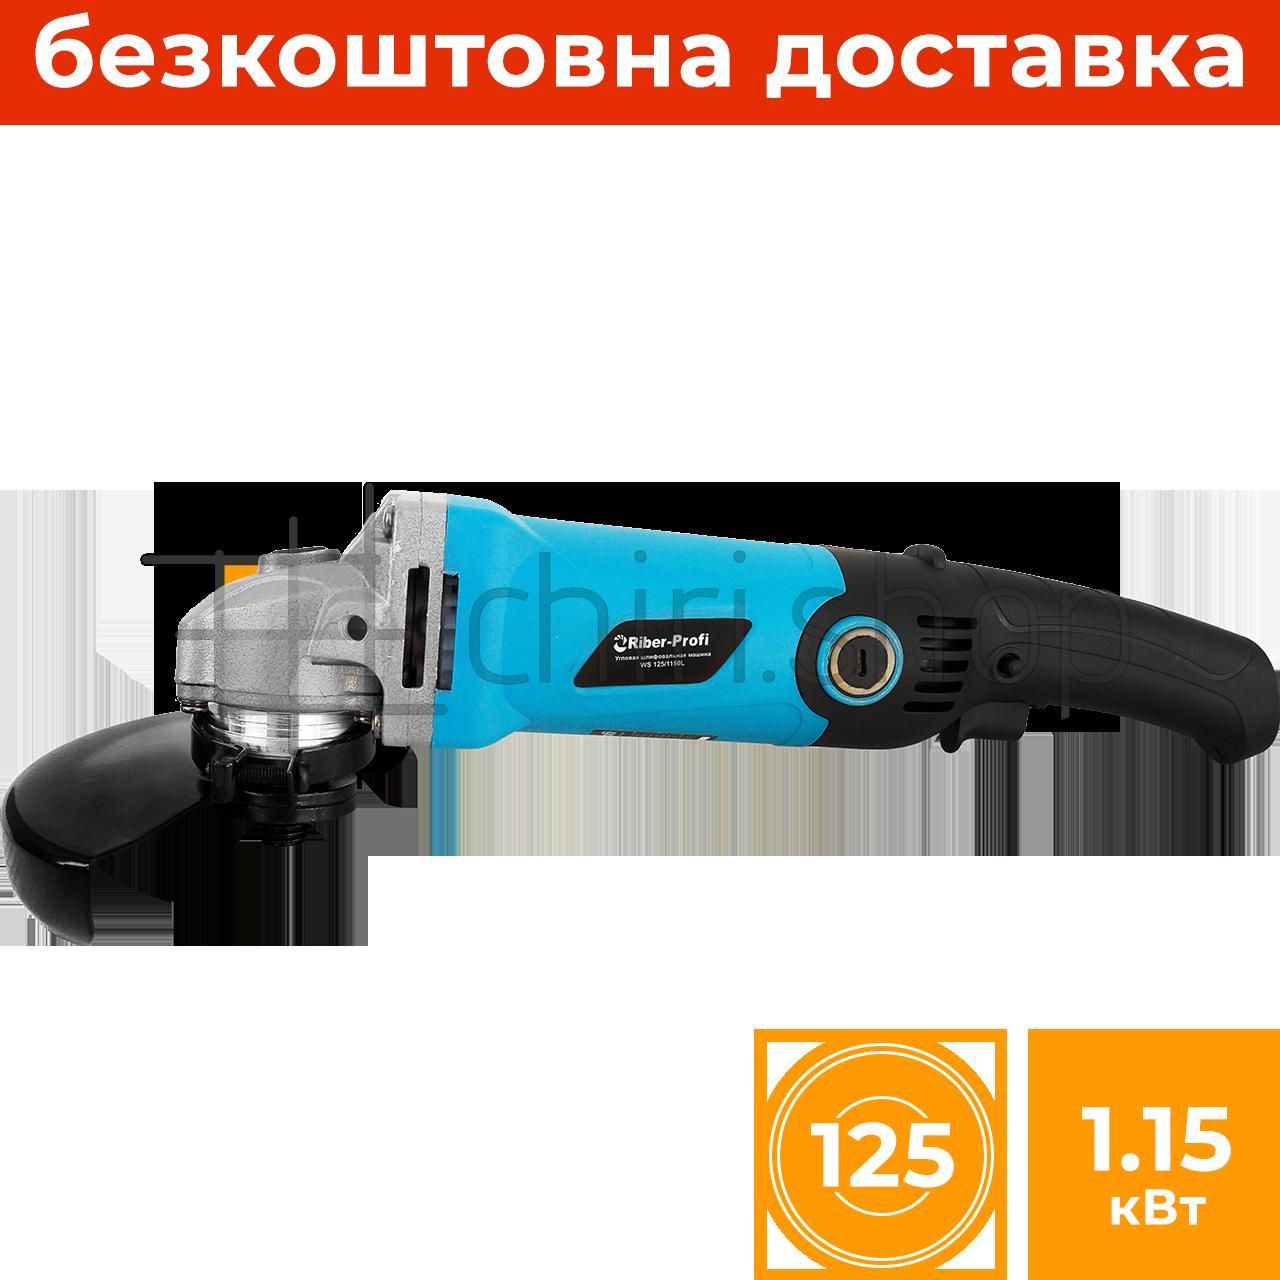 Болгарка длинная ручка Riber-Profi WS 125/1150L, болгарка маленькая УШМ 125 мм угловая шлифмашина